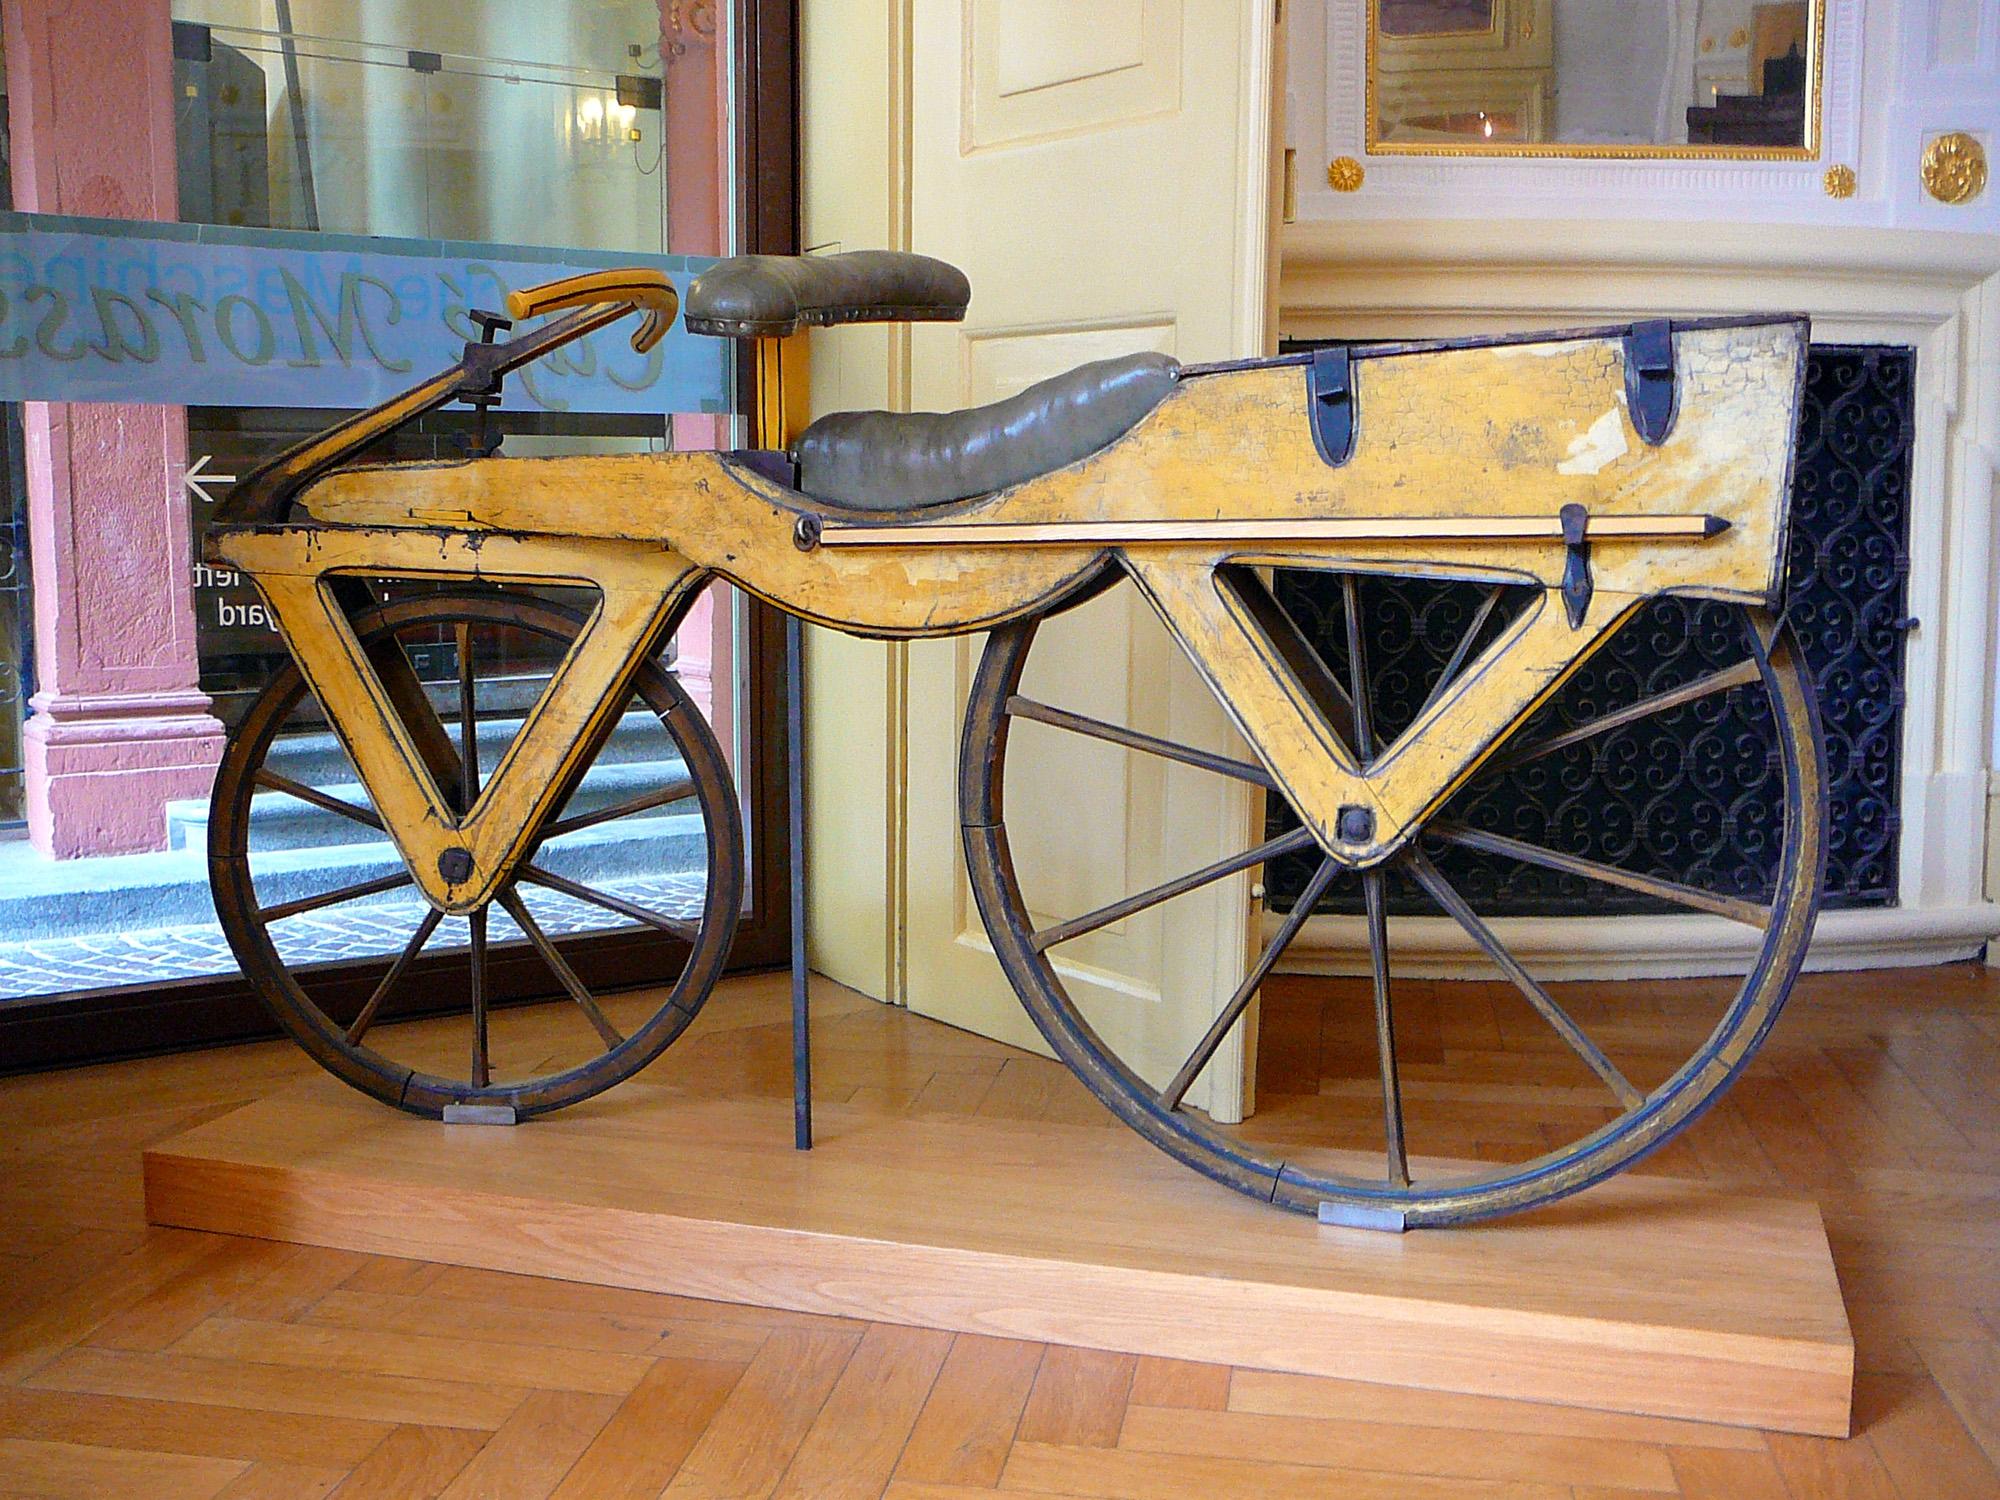 kerékpár és rossz látás